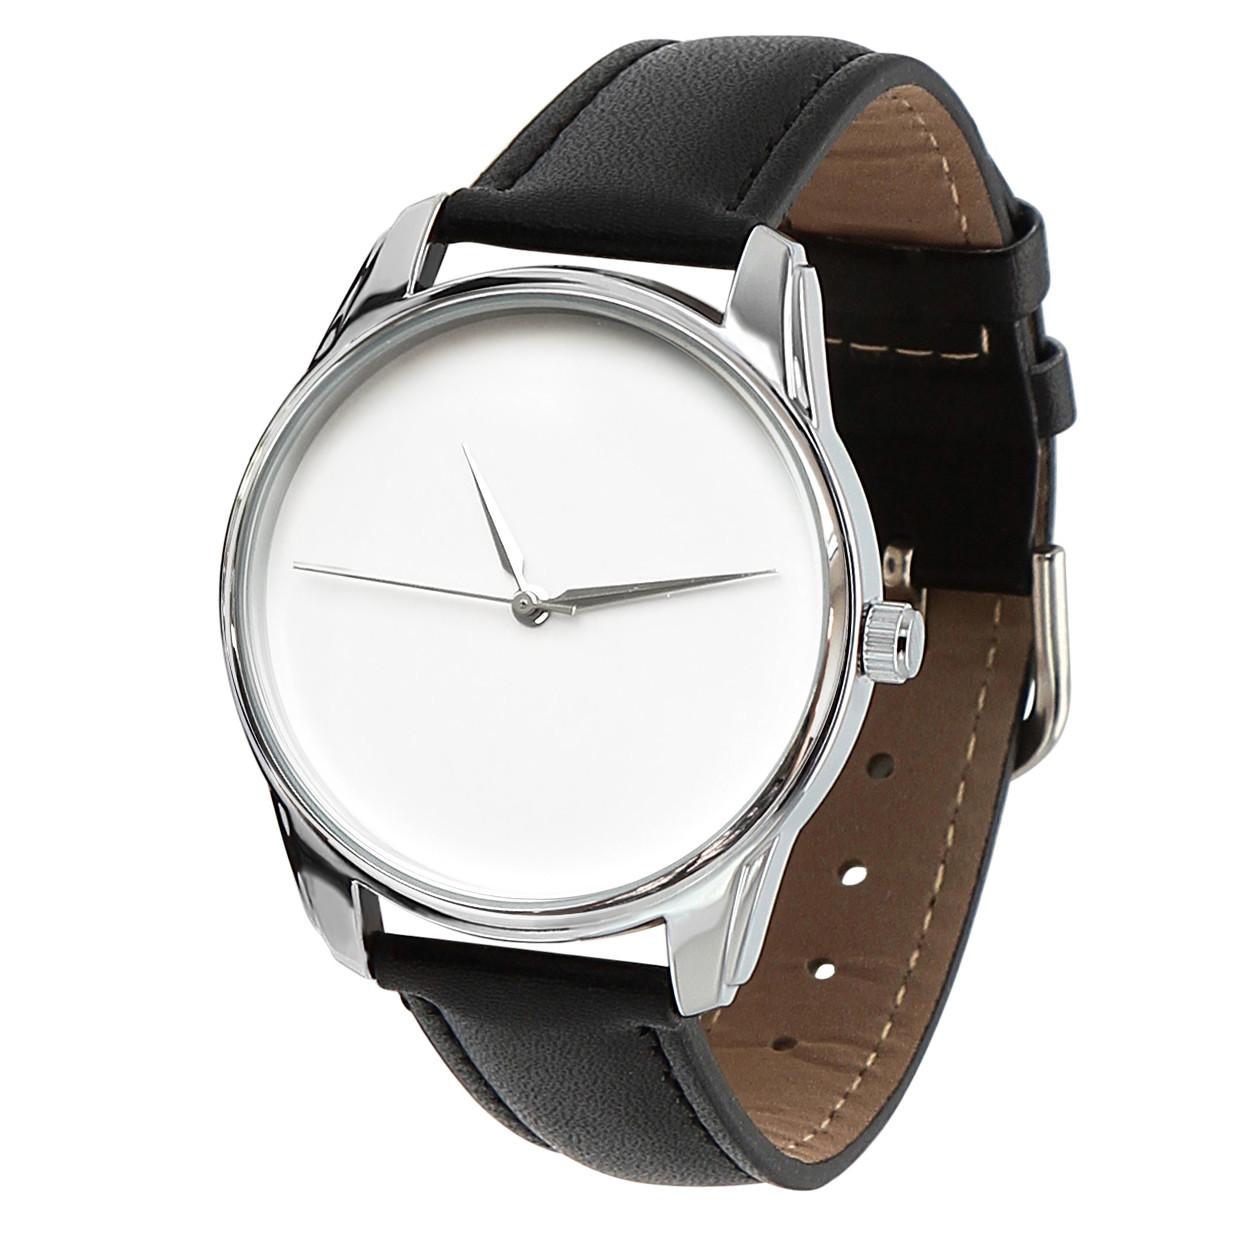 Стильные наручные часы Минимализм ZIZ (Украина)  продажа, цена в ... 43684b11143